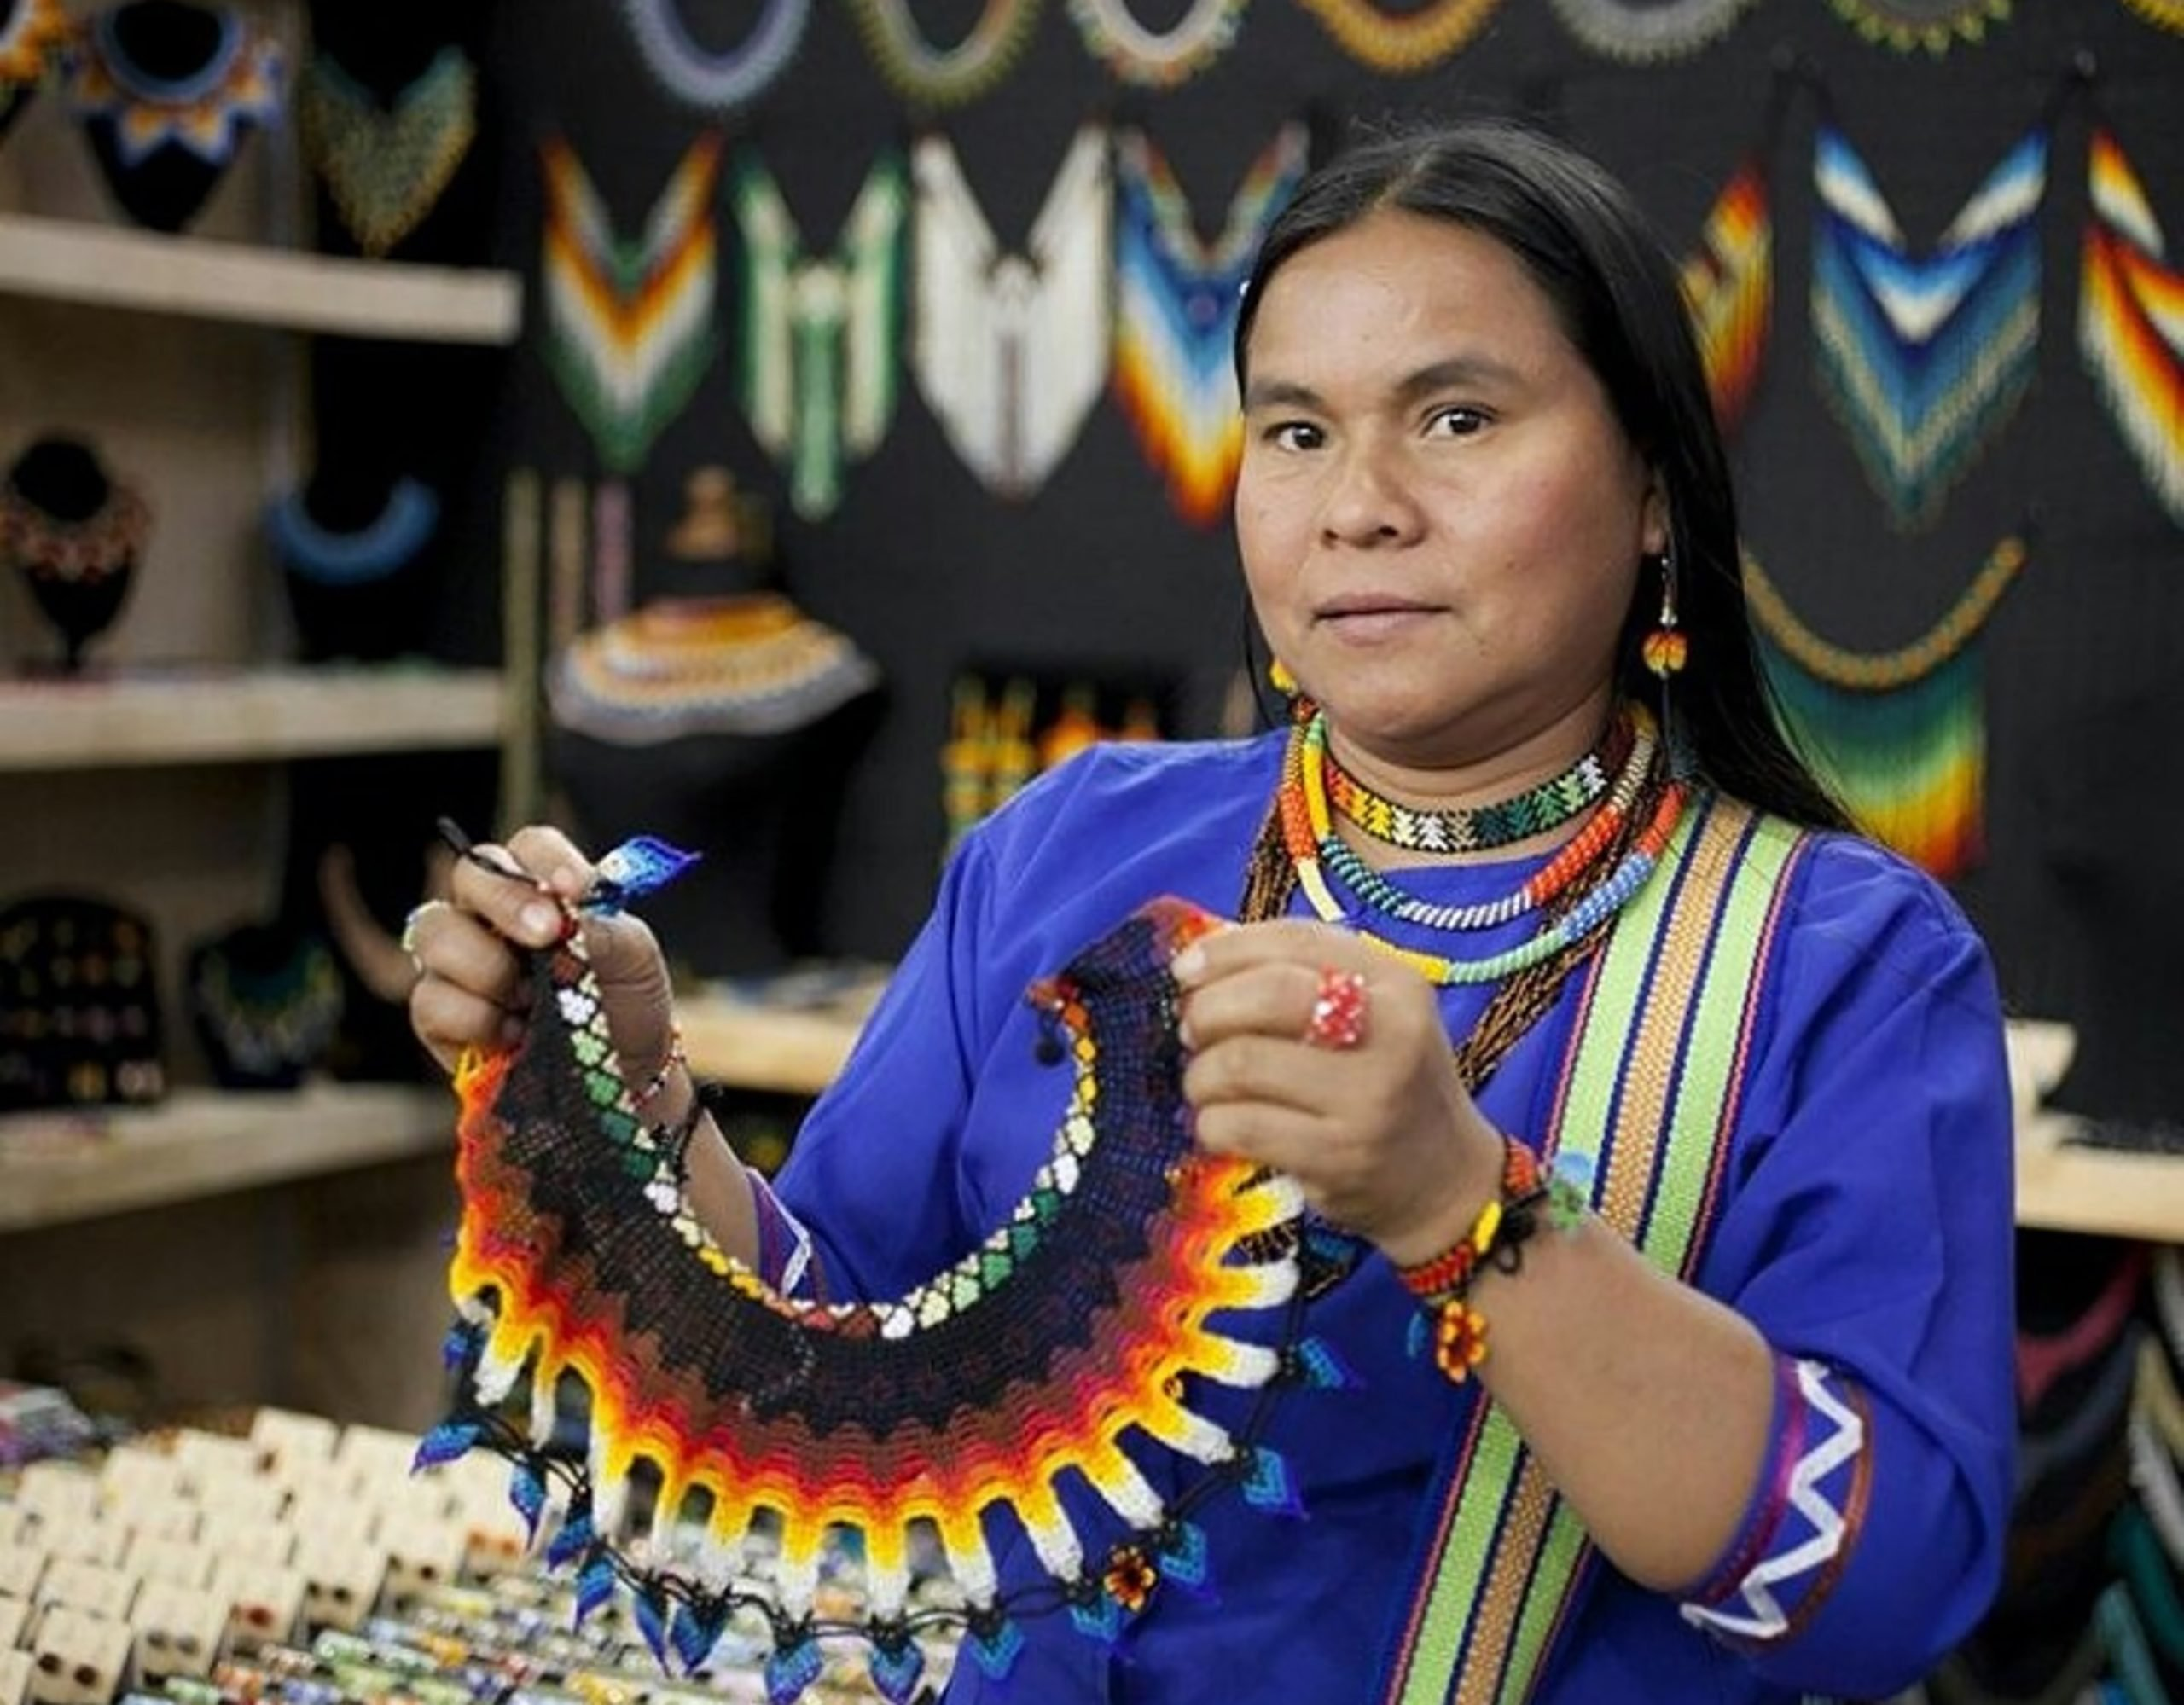 Homenaje al ser, tradición artesanal y costumbres Embera Chamí